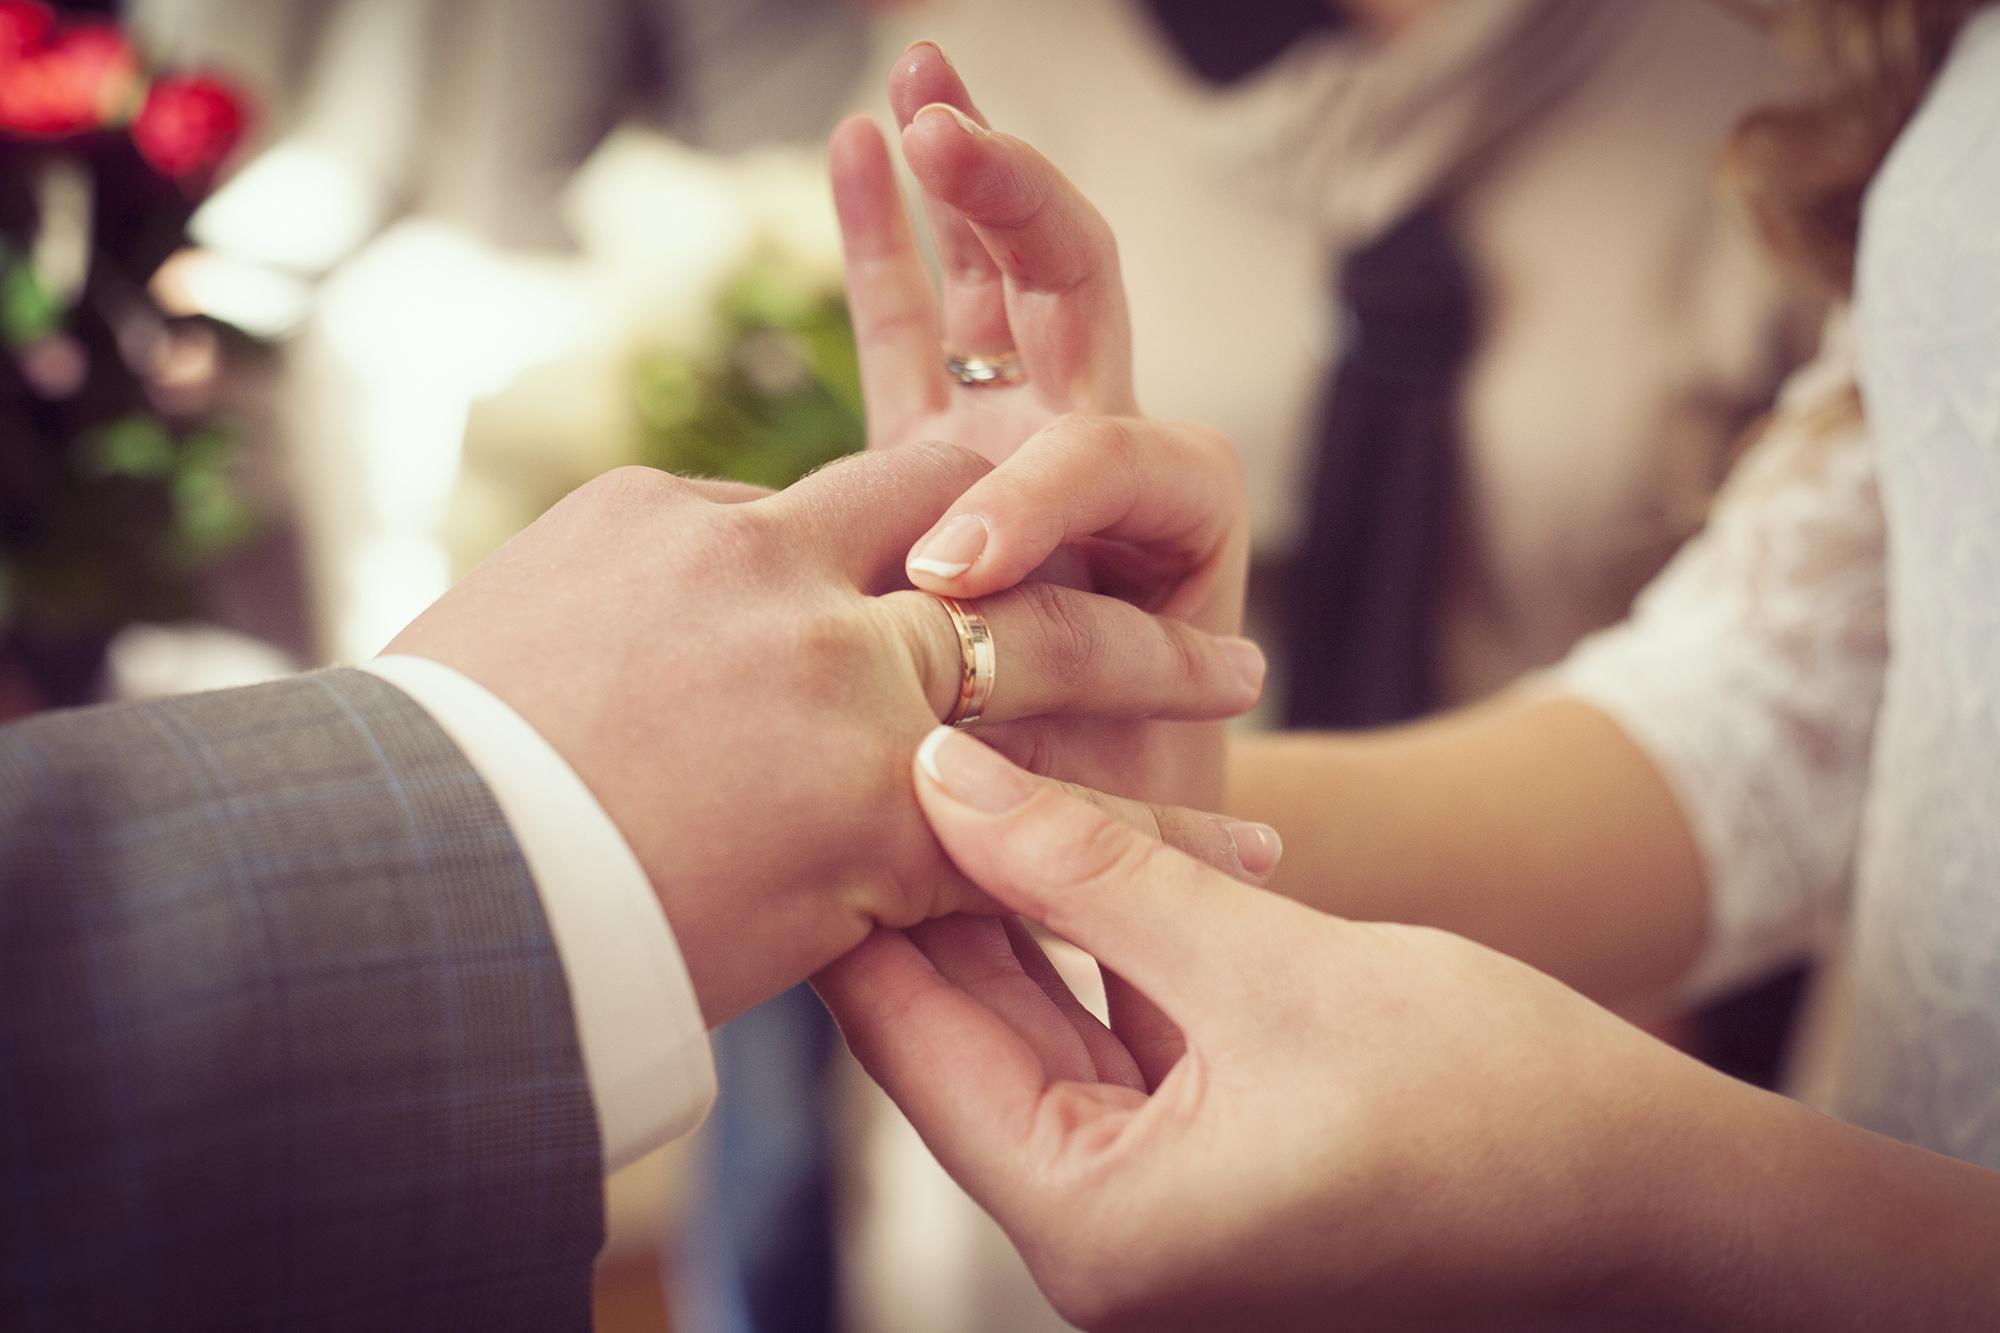 картинки с смыслом свадебный товара